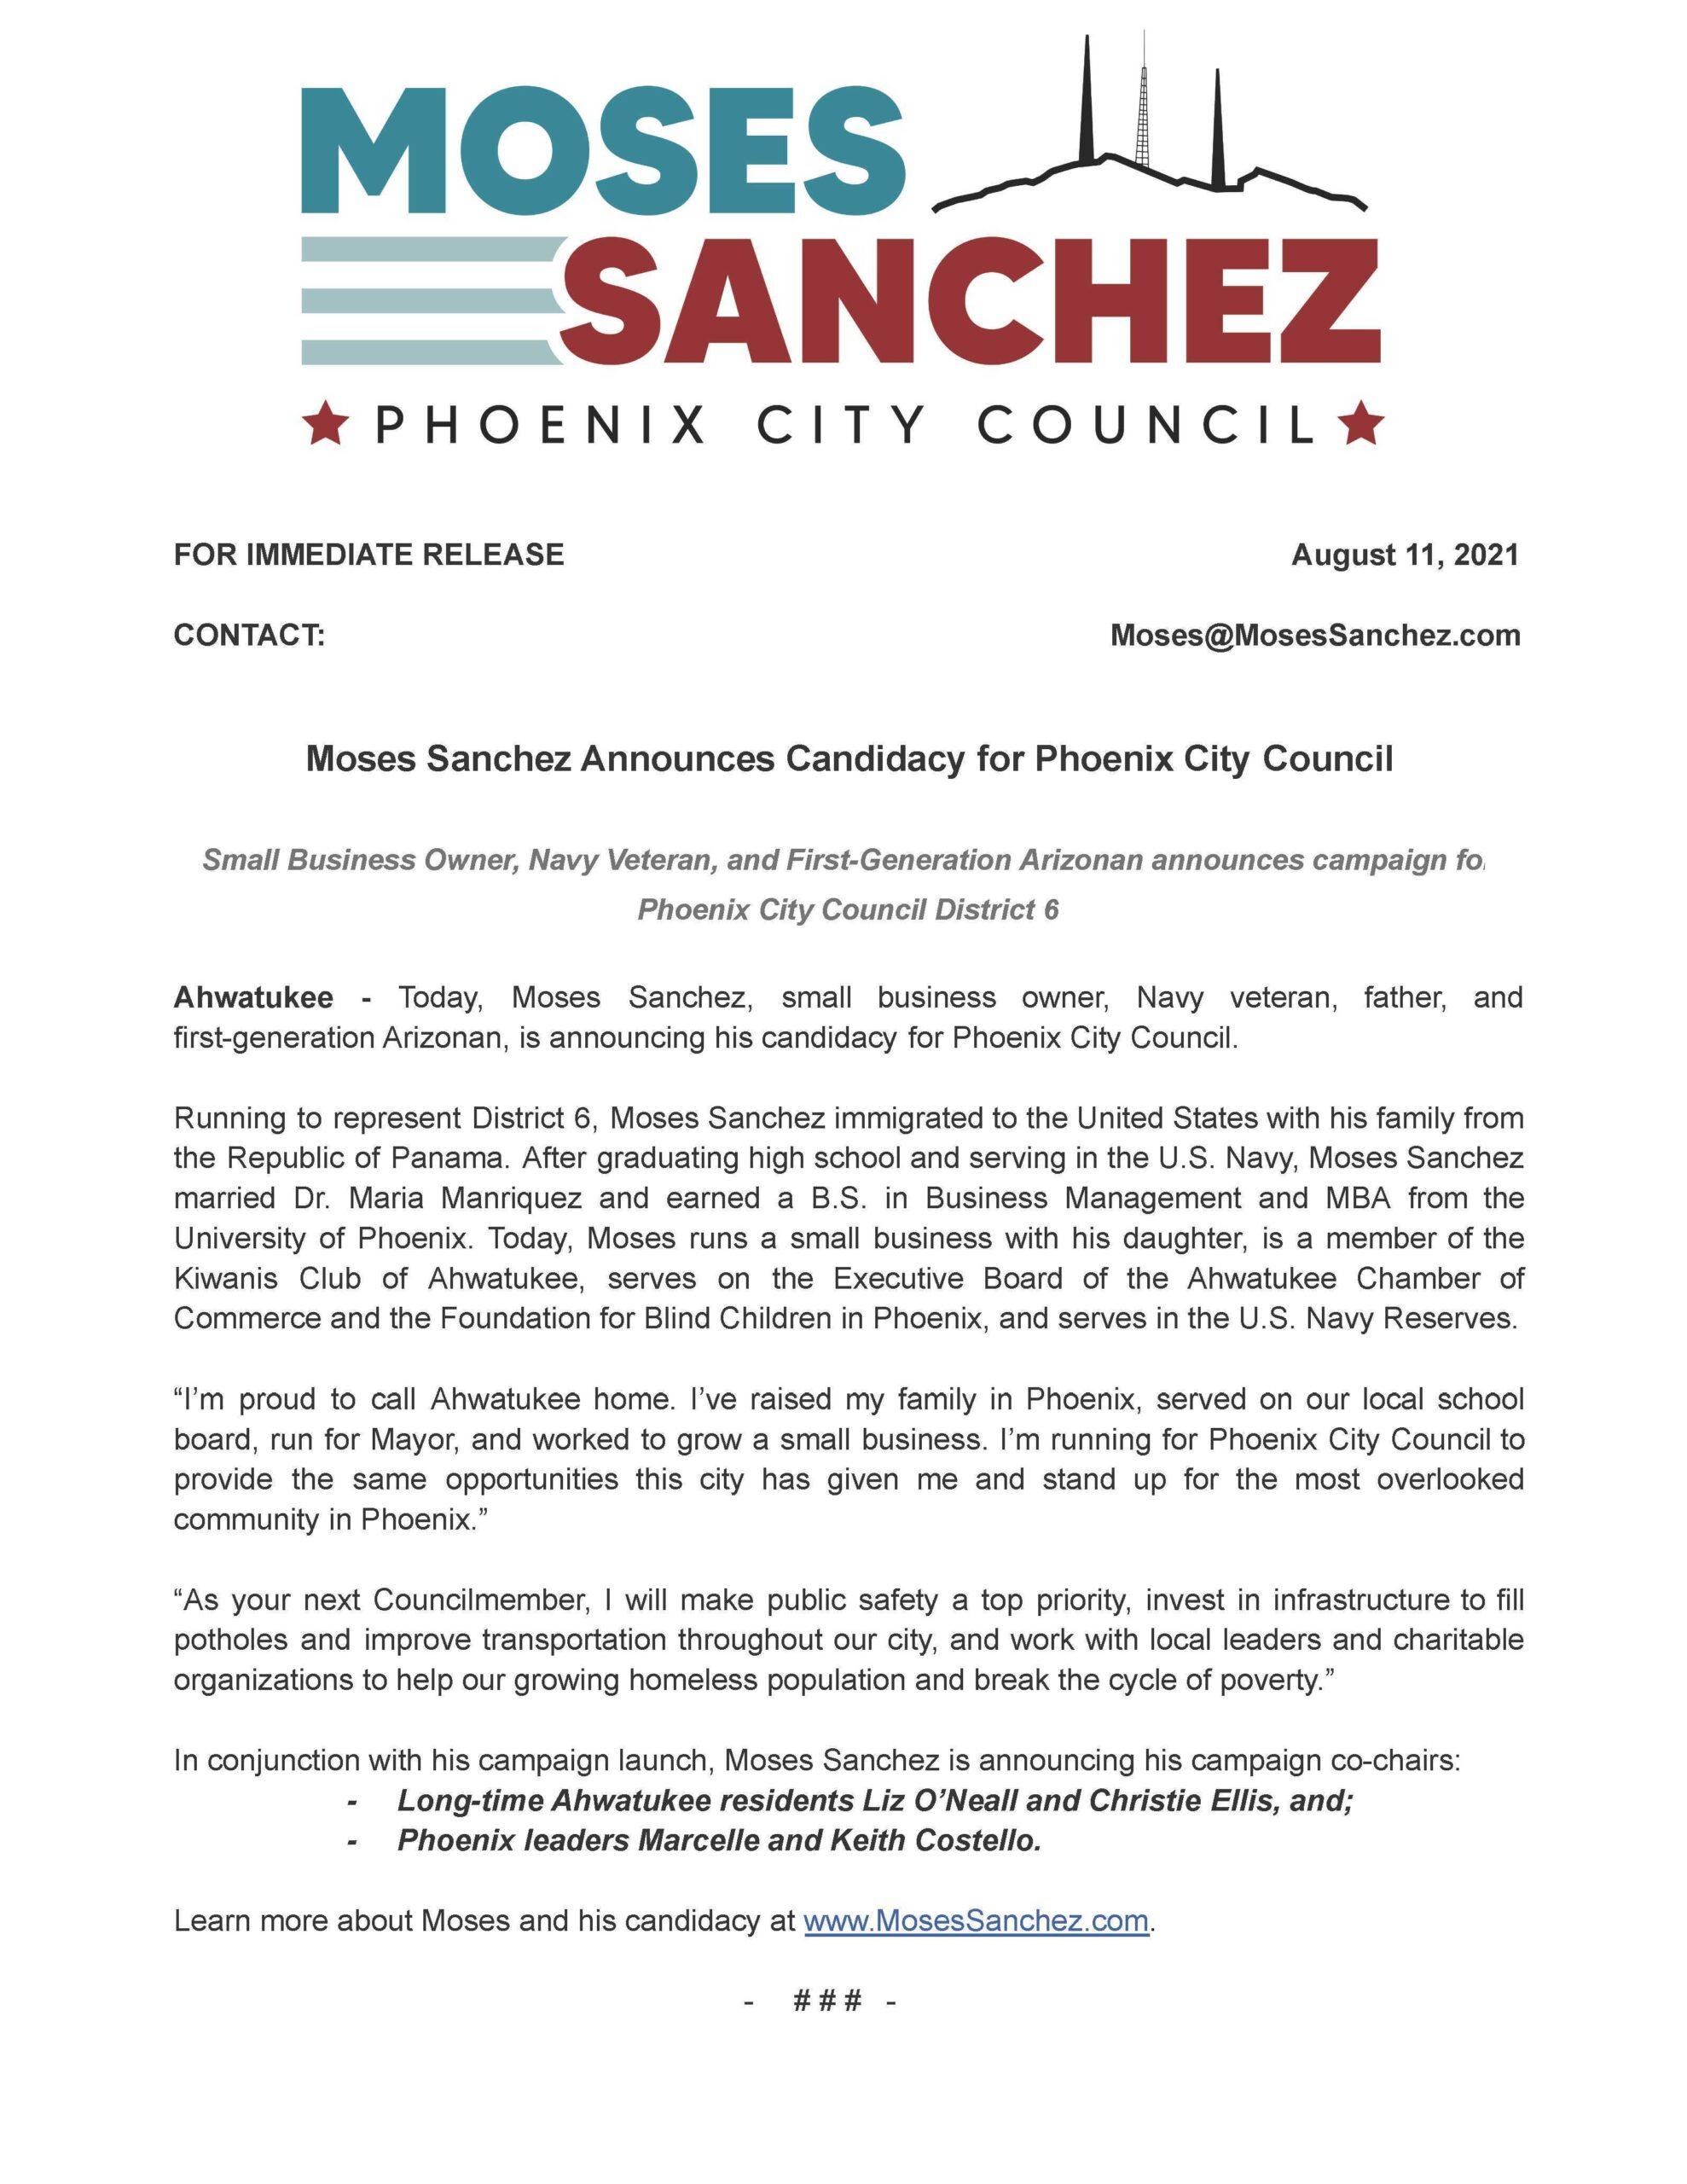 Moses Sanchez Phoenix City Council